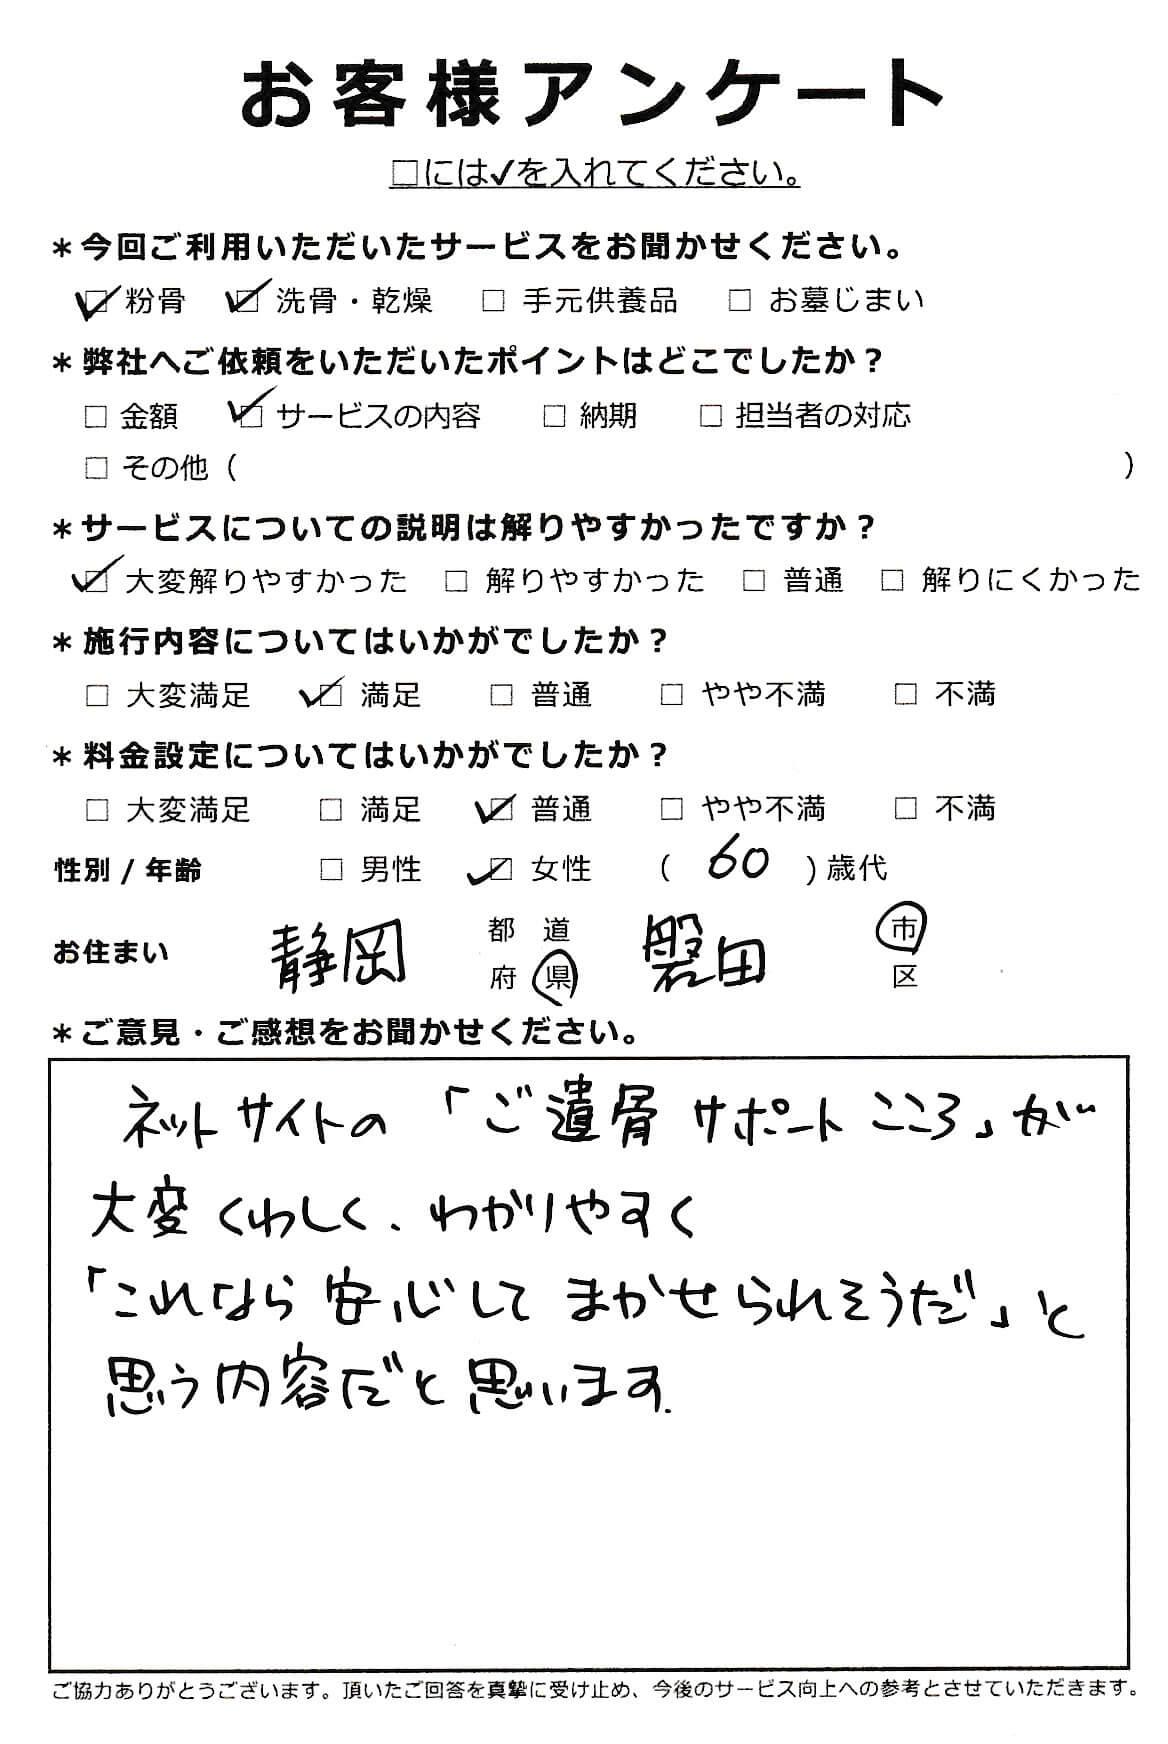 静岡県磐田市での粉骨・洗骨サービス